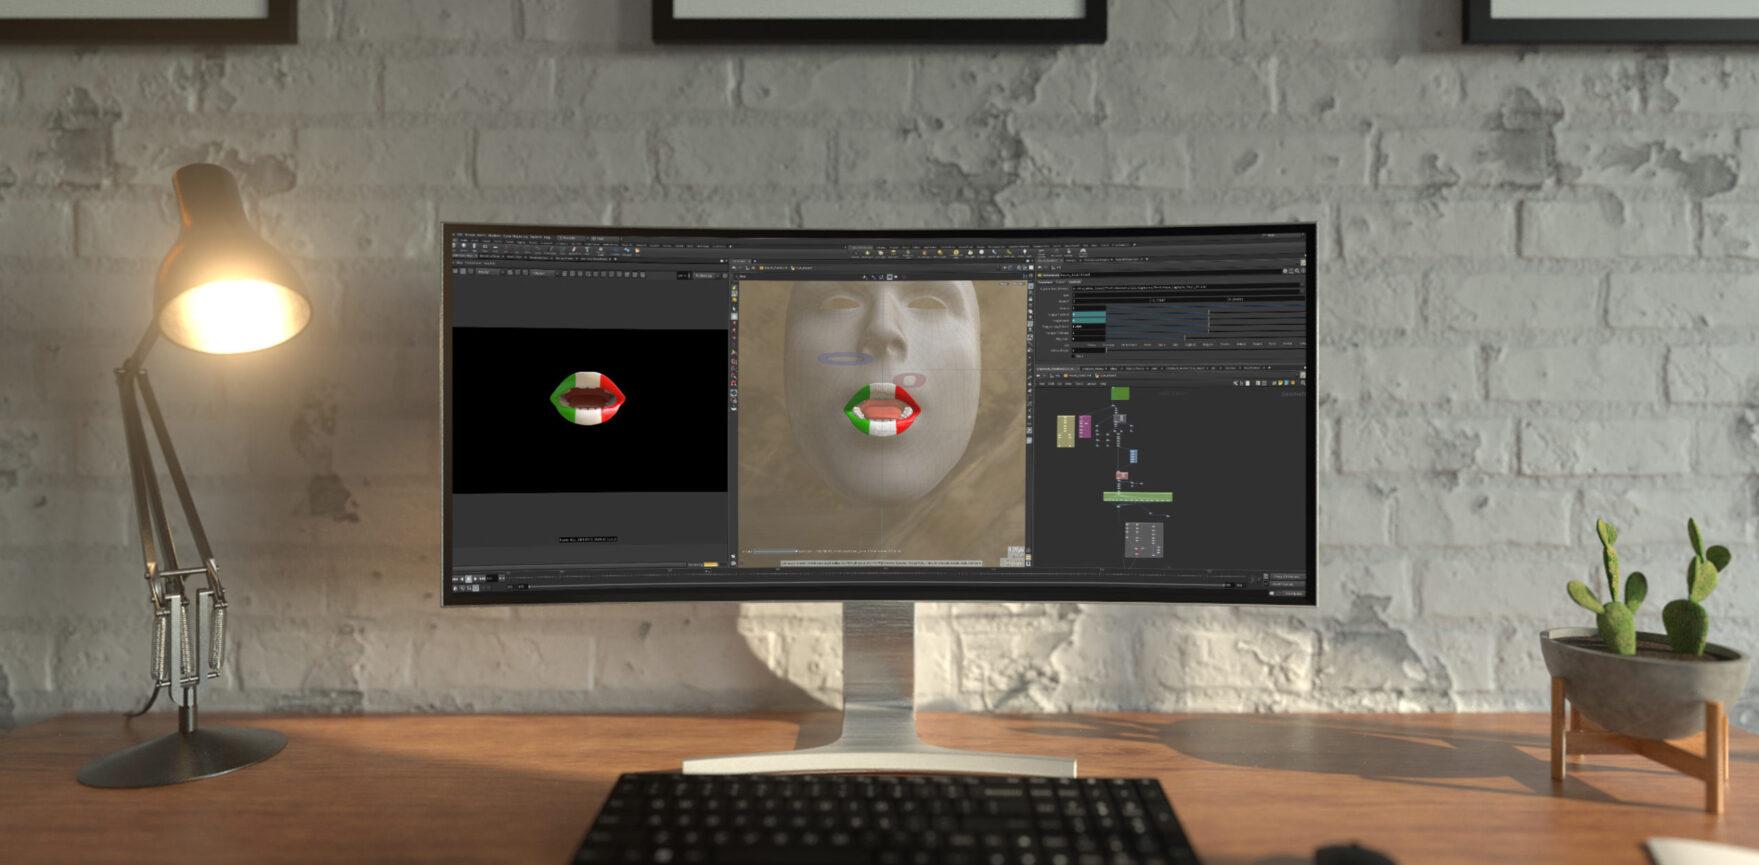 ProSieben Free ESC Motion Capturing und Animation-Bildschirm Italien